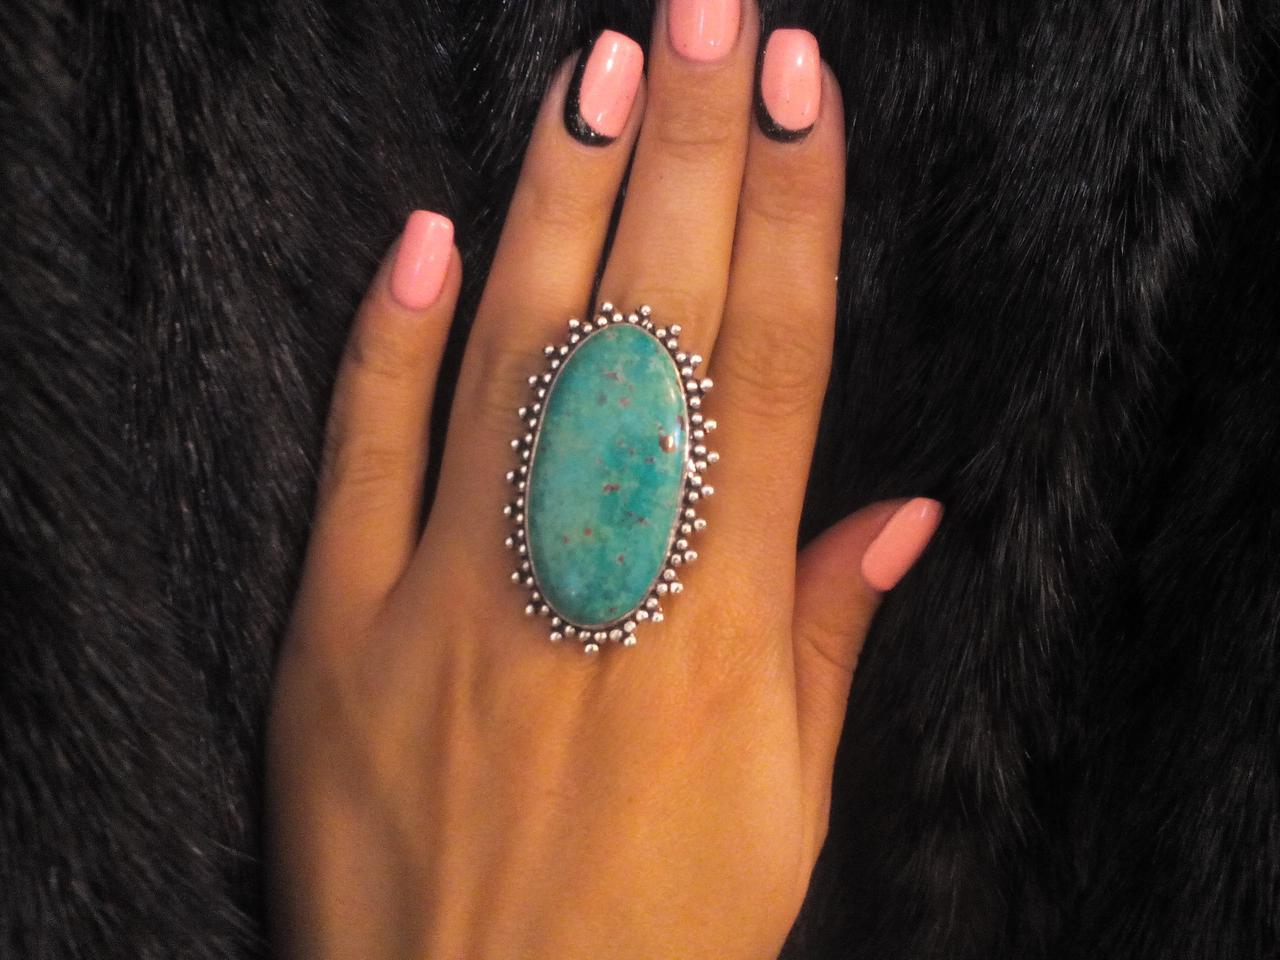 Хризоколла кольцо с хризоколлой в серебре. Размер 19,5-20. Индия